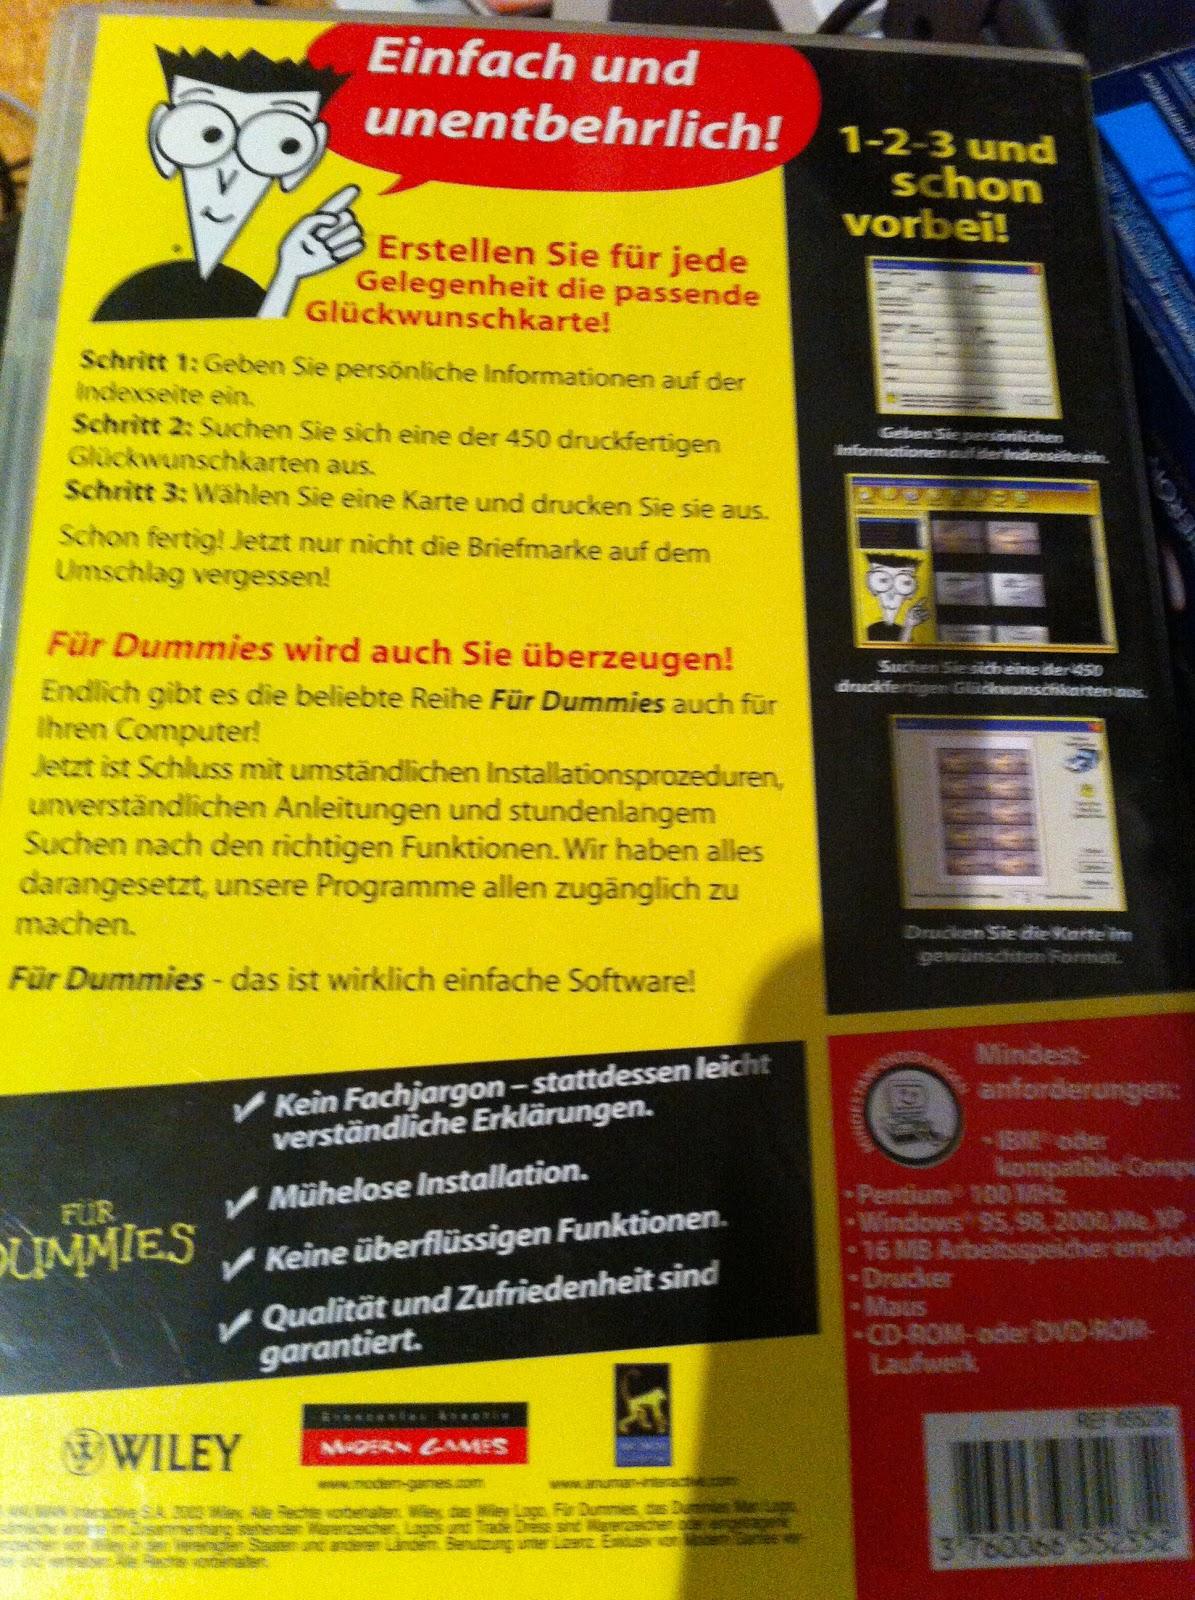 Ebay Kleinanzeigen Aachen: Kleinanzeigen Aachen: PC Programme Für Dummies